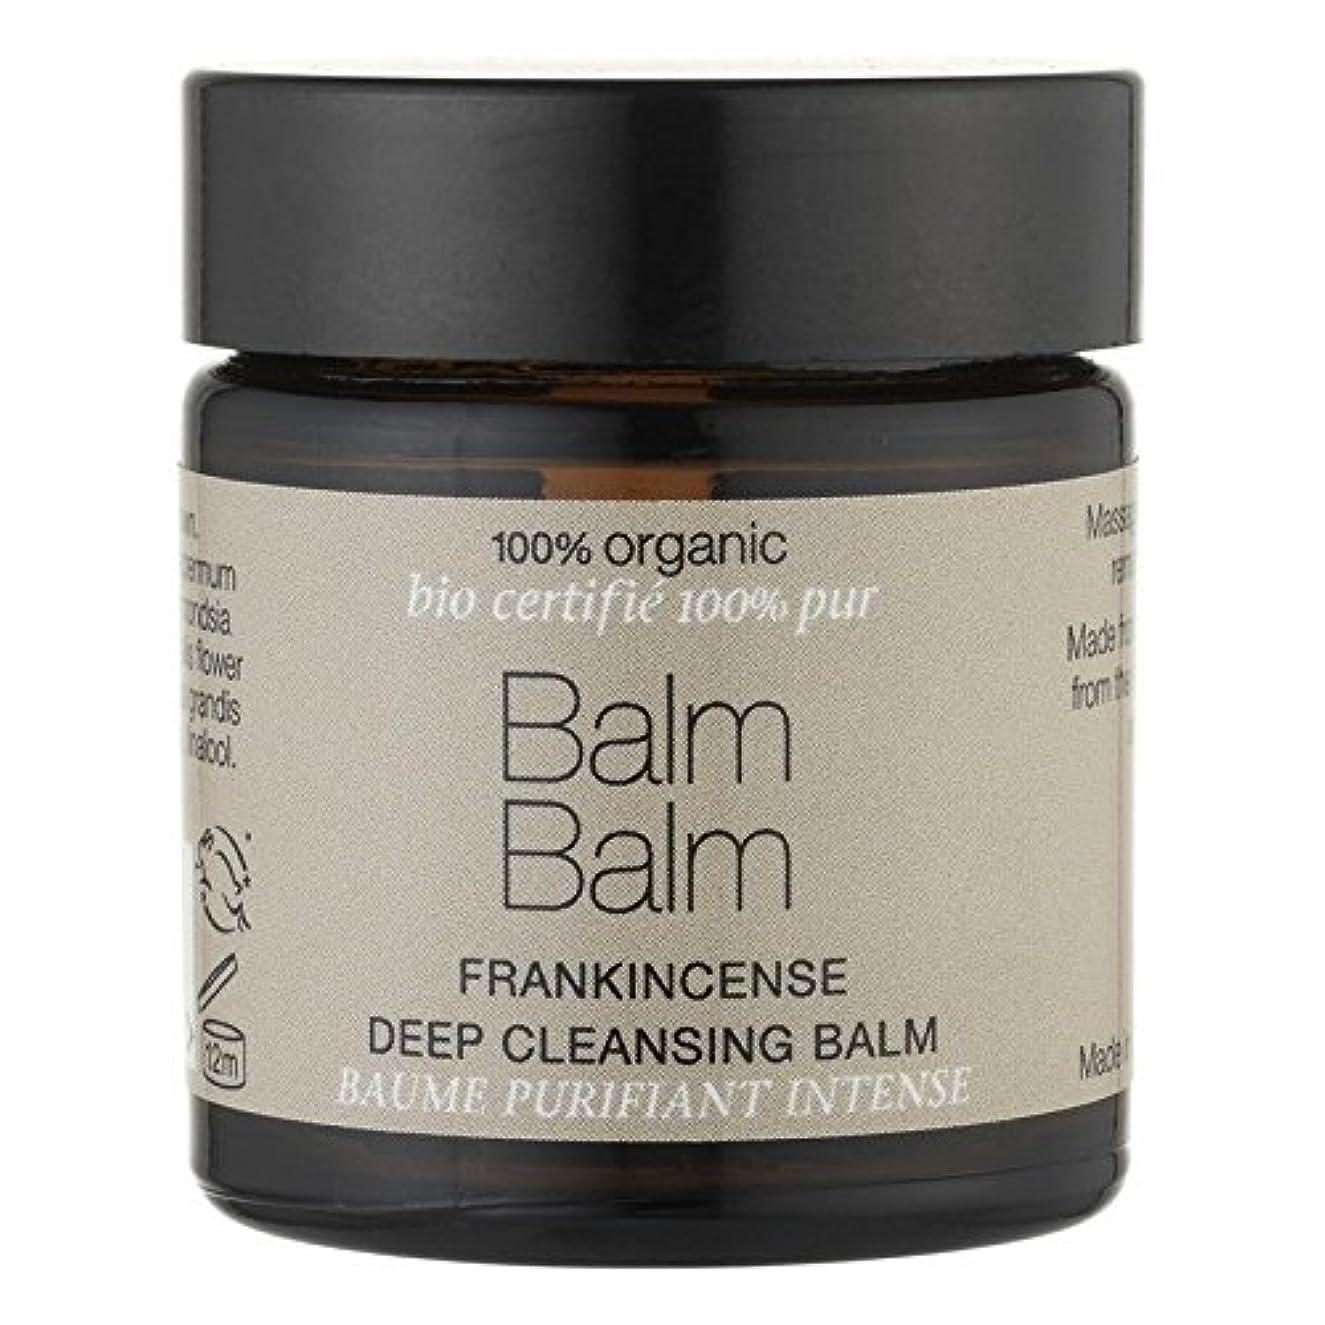 シェルター受ける疎外バームバーム乳香有機ディープクレンジングクリーム60ミリリットル x2 - Balm Balm Frankincense Organic Deep Cleansing Balm 60ml (Pack of 2) [並行輸入品]